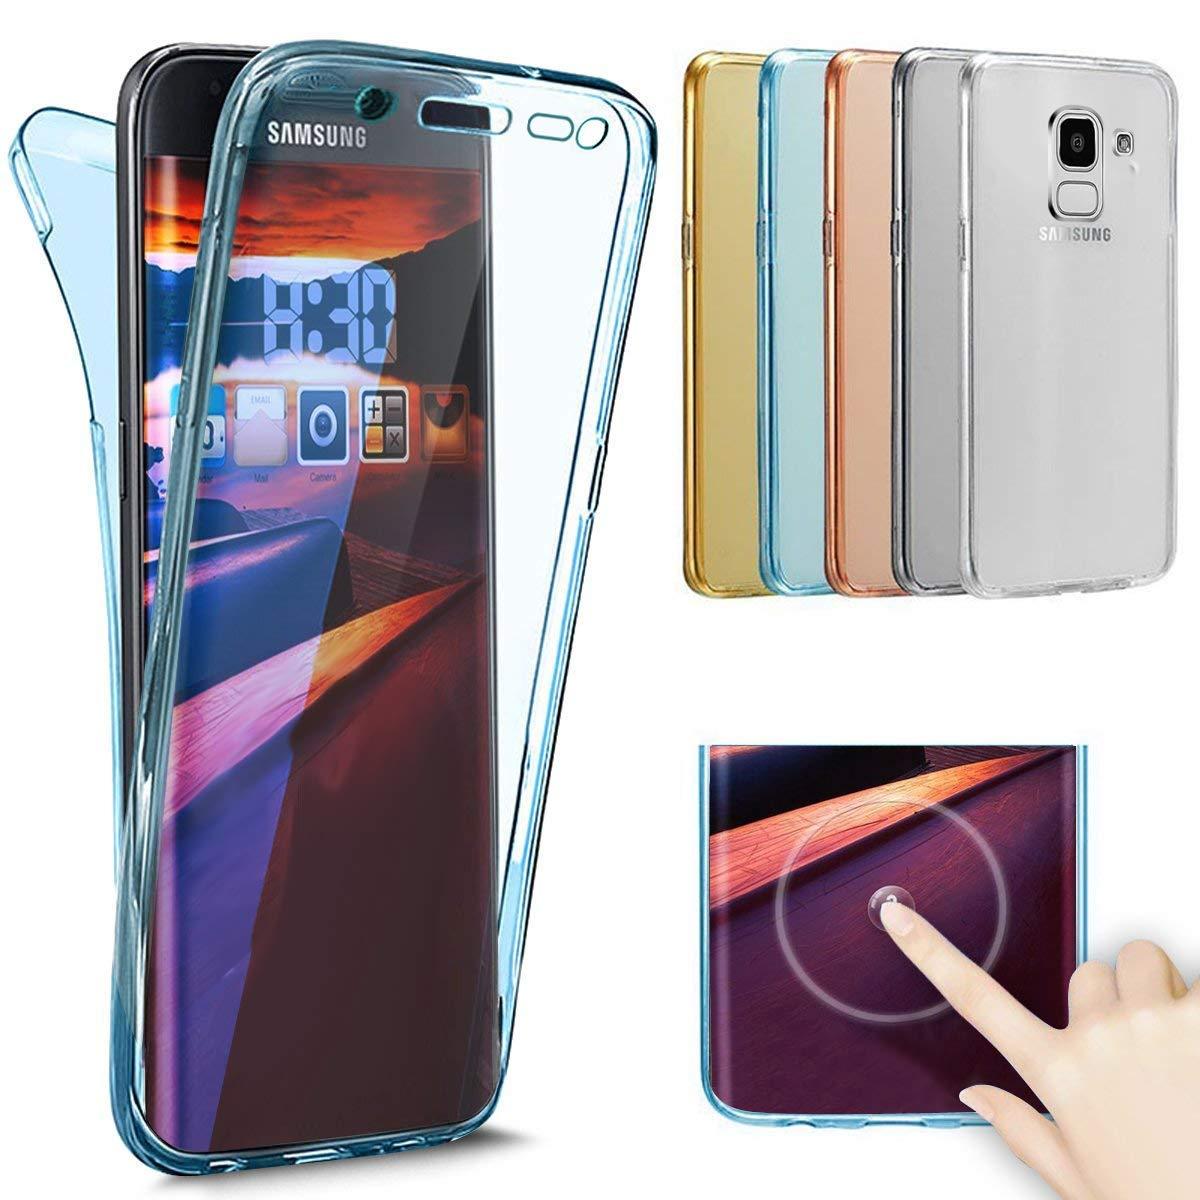 QPOLLY Compatible avec Samsung Galaxy J6 2018 Coque Transparent Silicone Double Face Gel Housse Int/égral 360 Degres Protection Avant Arri/ère Couverture Ultra Mince Souple Etui TPU Bumper,Transparent